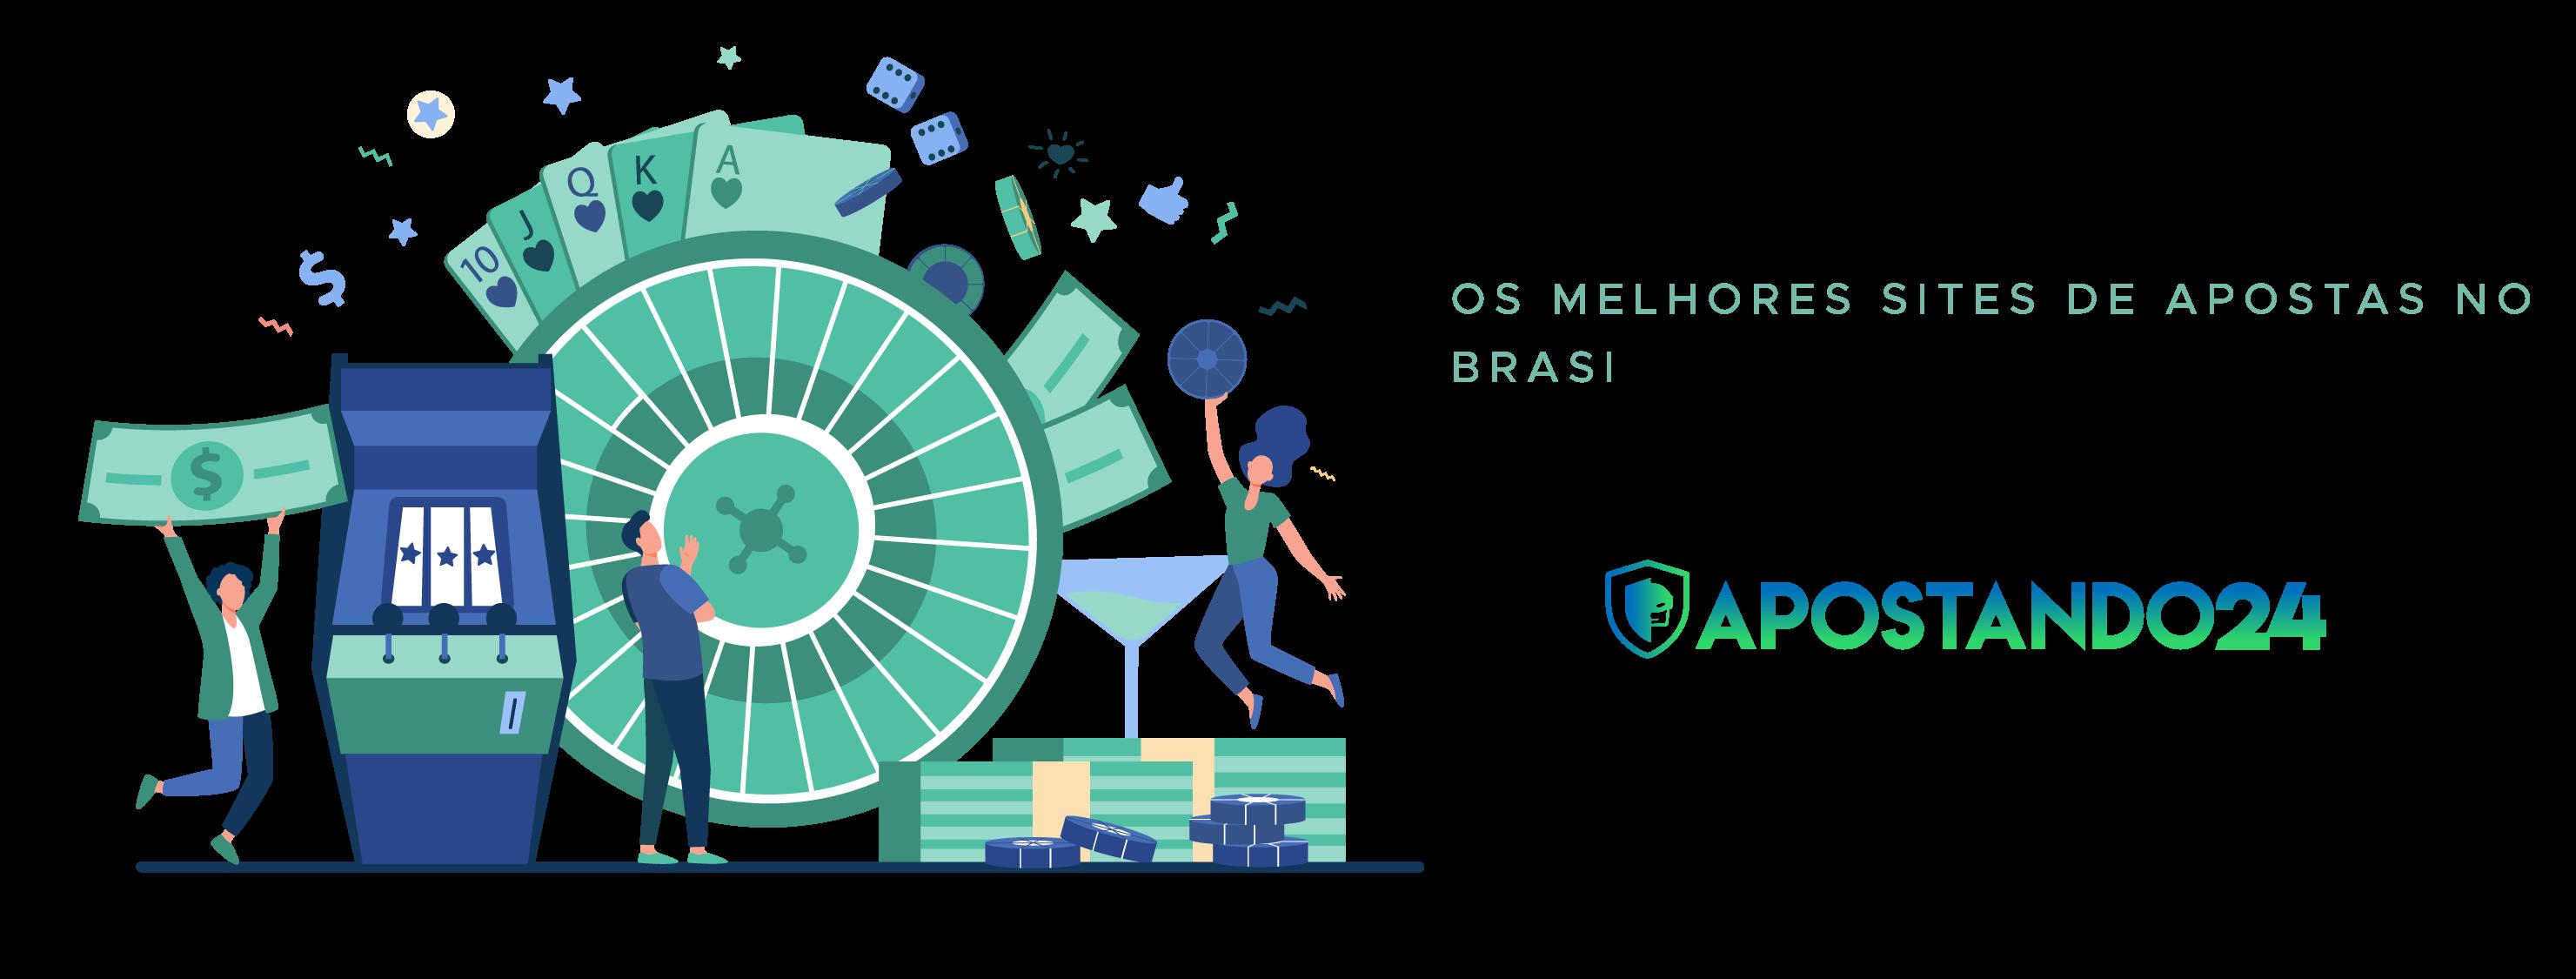 Os melhores sites de apostas no Brasil